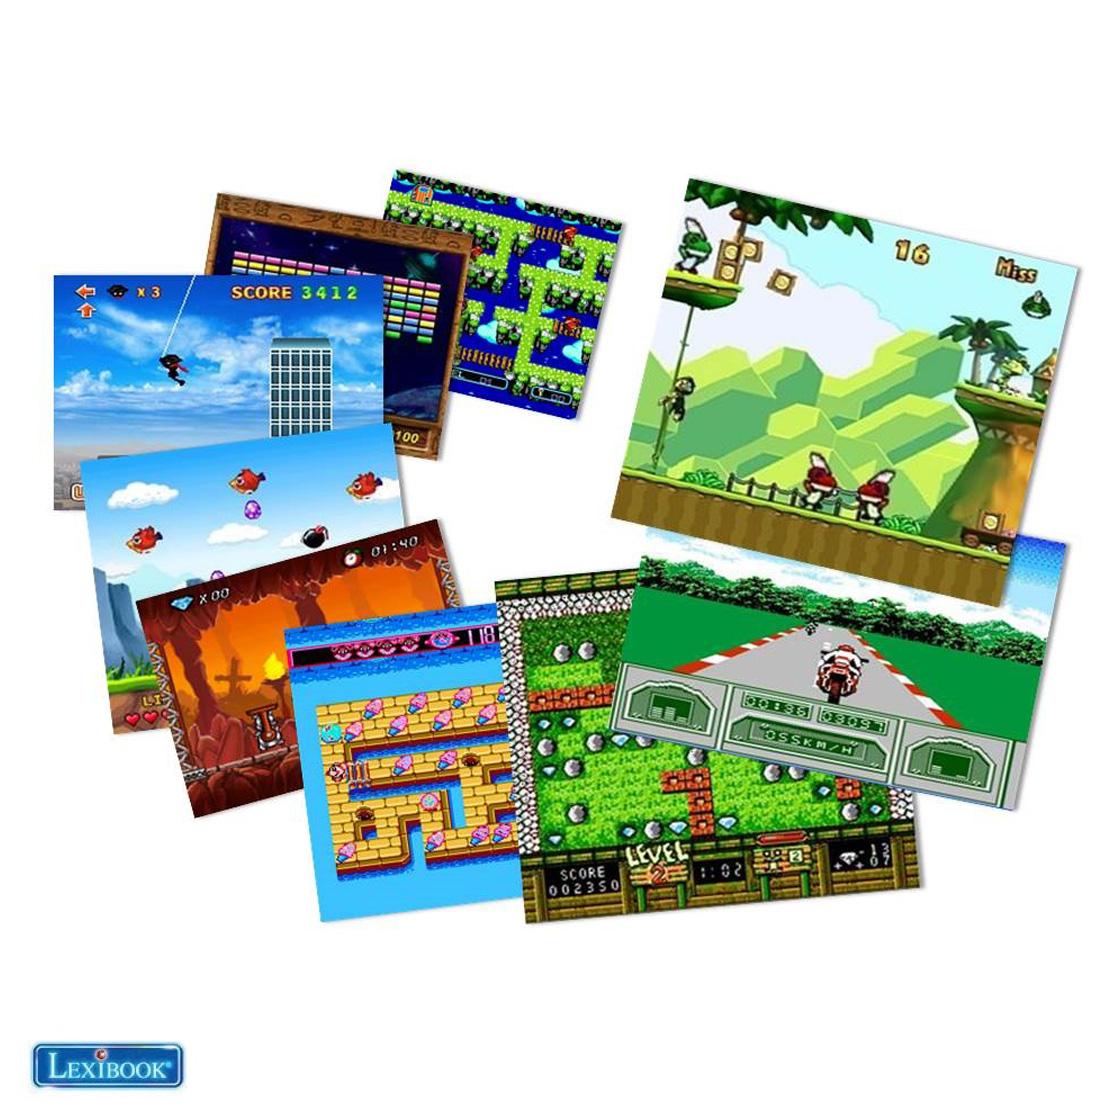 Lexibook JG7800 300-in-1 Retro TV Console Game by LEXIBOOK ...